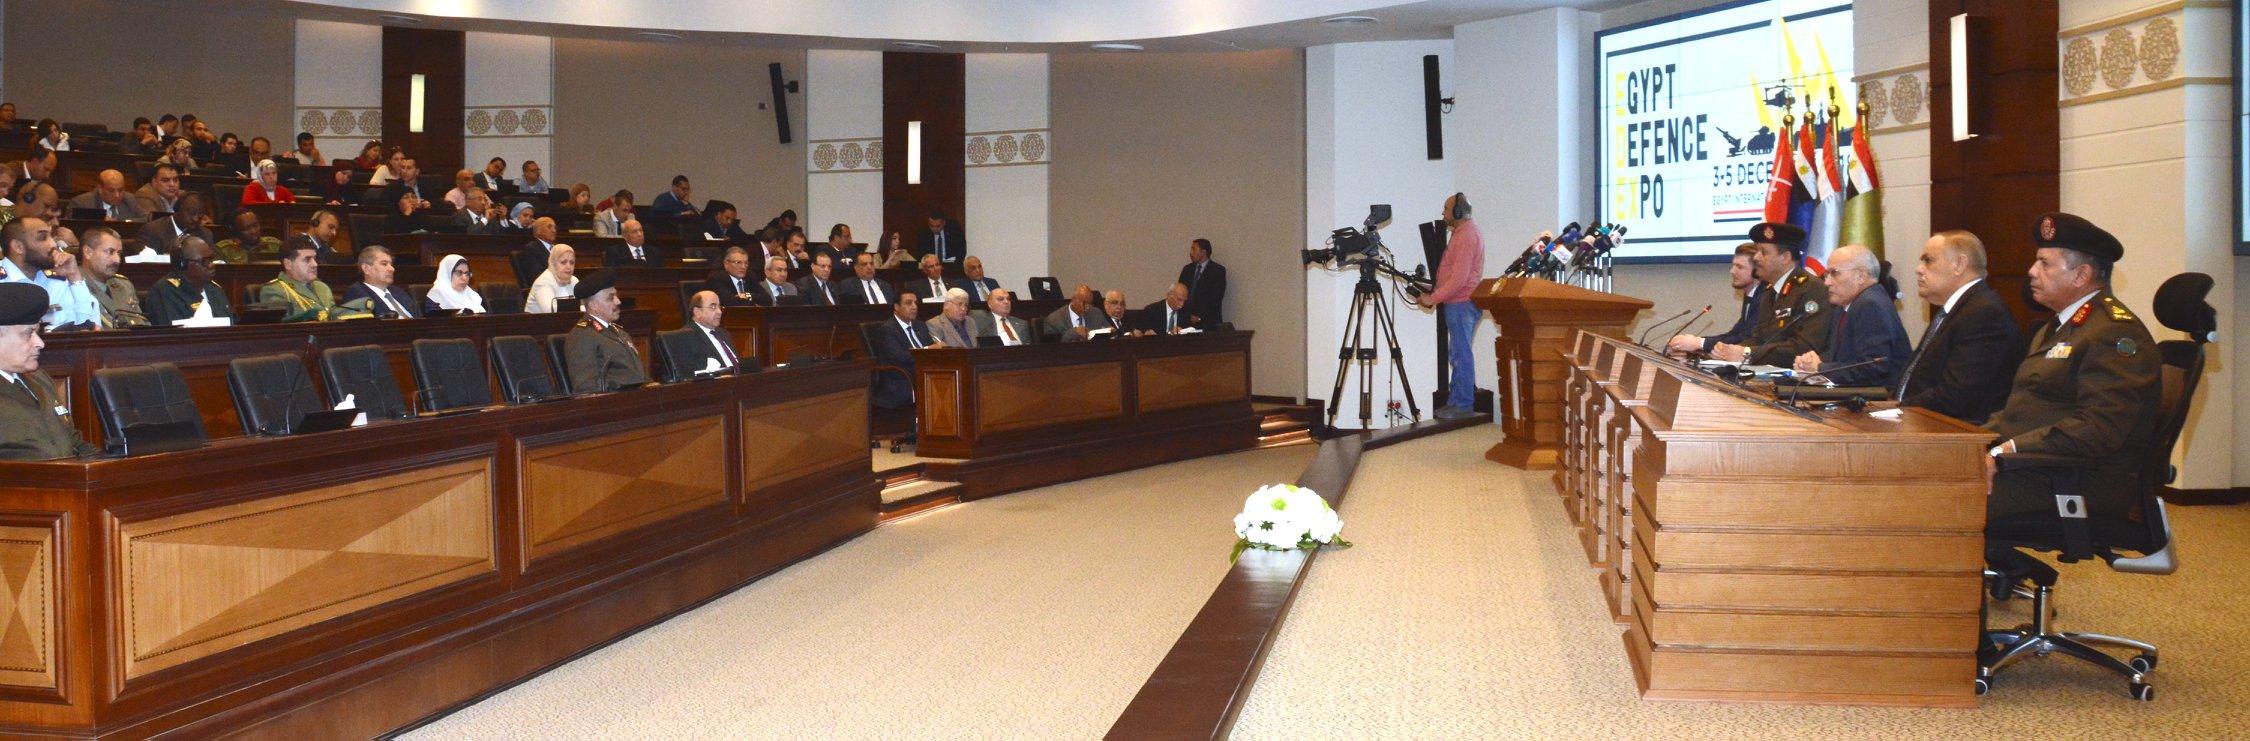 """القوات المسلحة تنظم مؤتمراً صحفياً للإعلان عن كافة التفاصيل الخاصة بالمعرض الدولى الأول للصناعات الدفاعية والعسكرية فى مصر """"إيديكس 2018"""""""